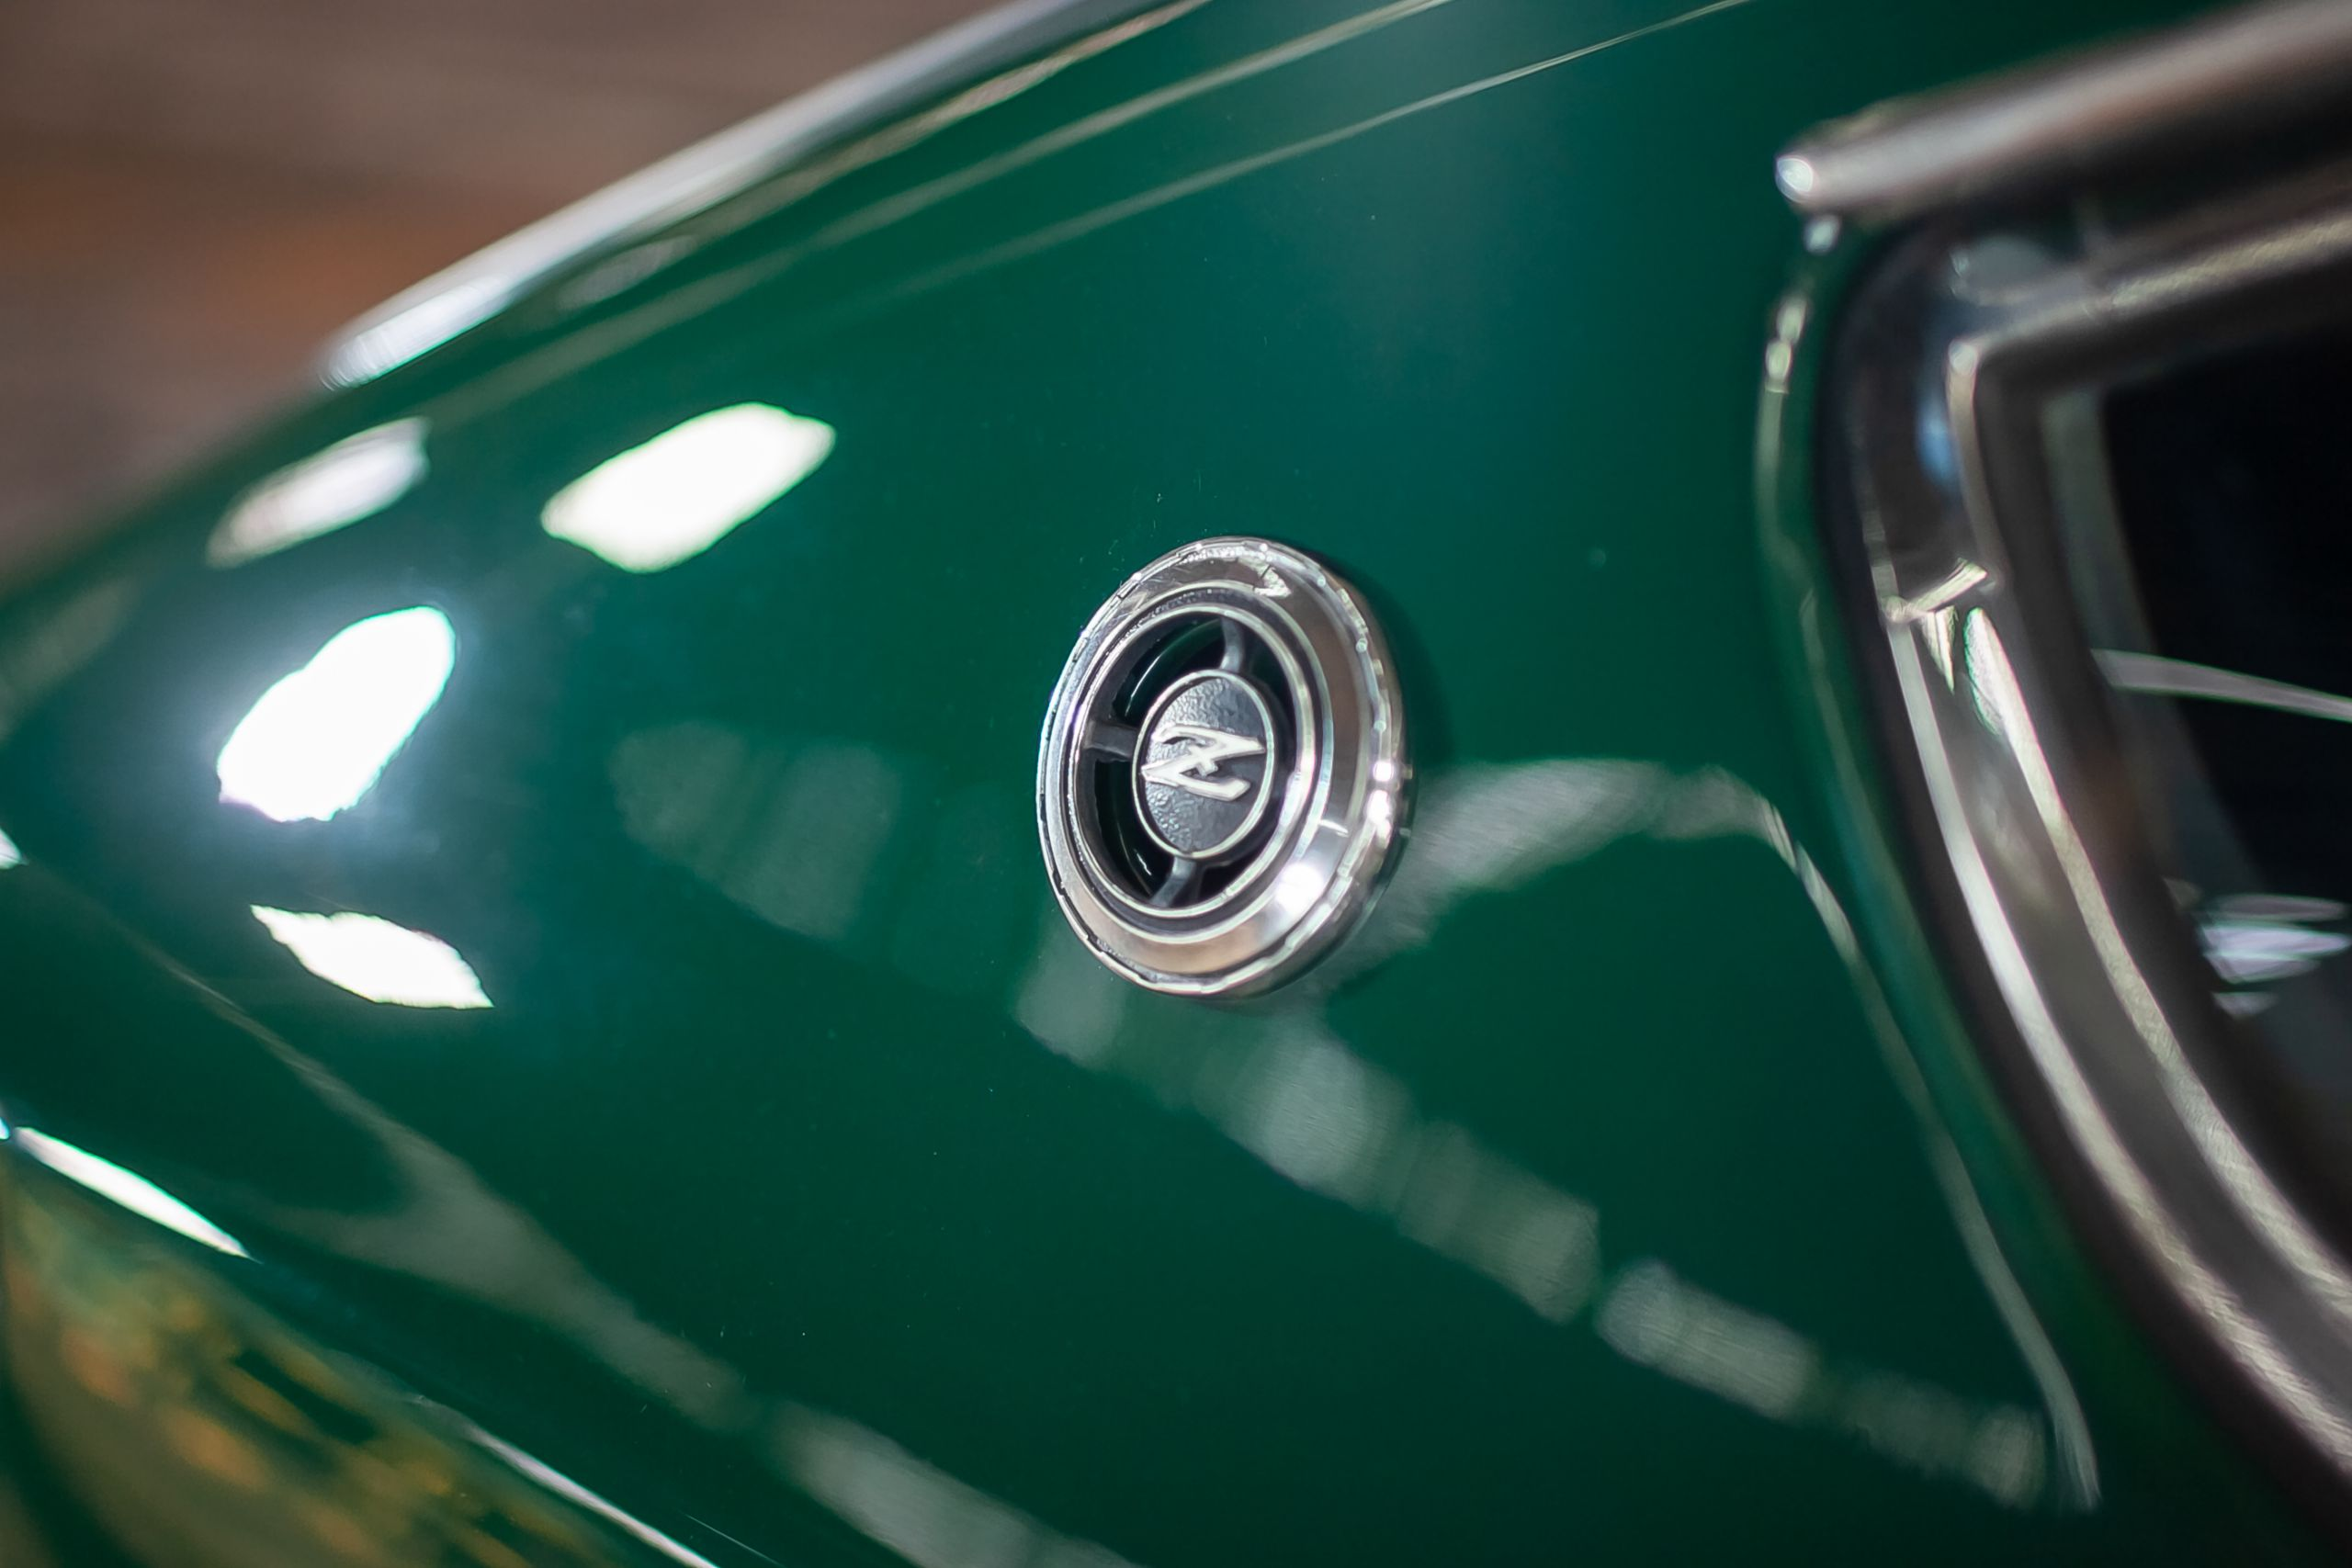 grün Nissan Datsun 240z zu verkaufen